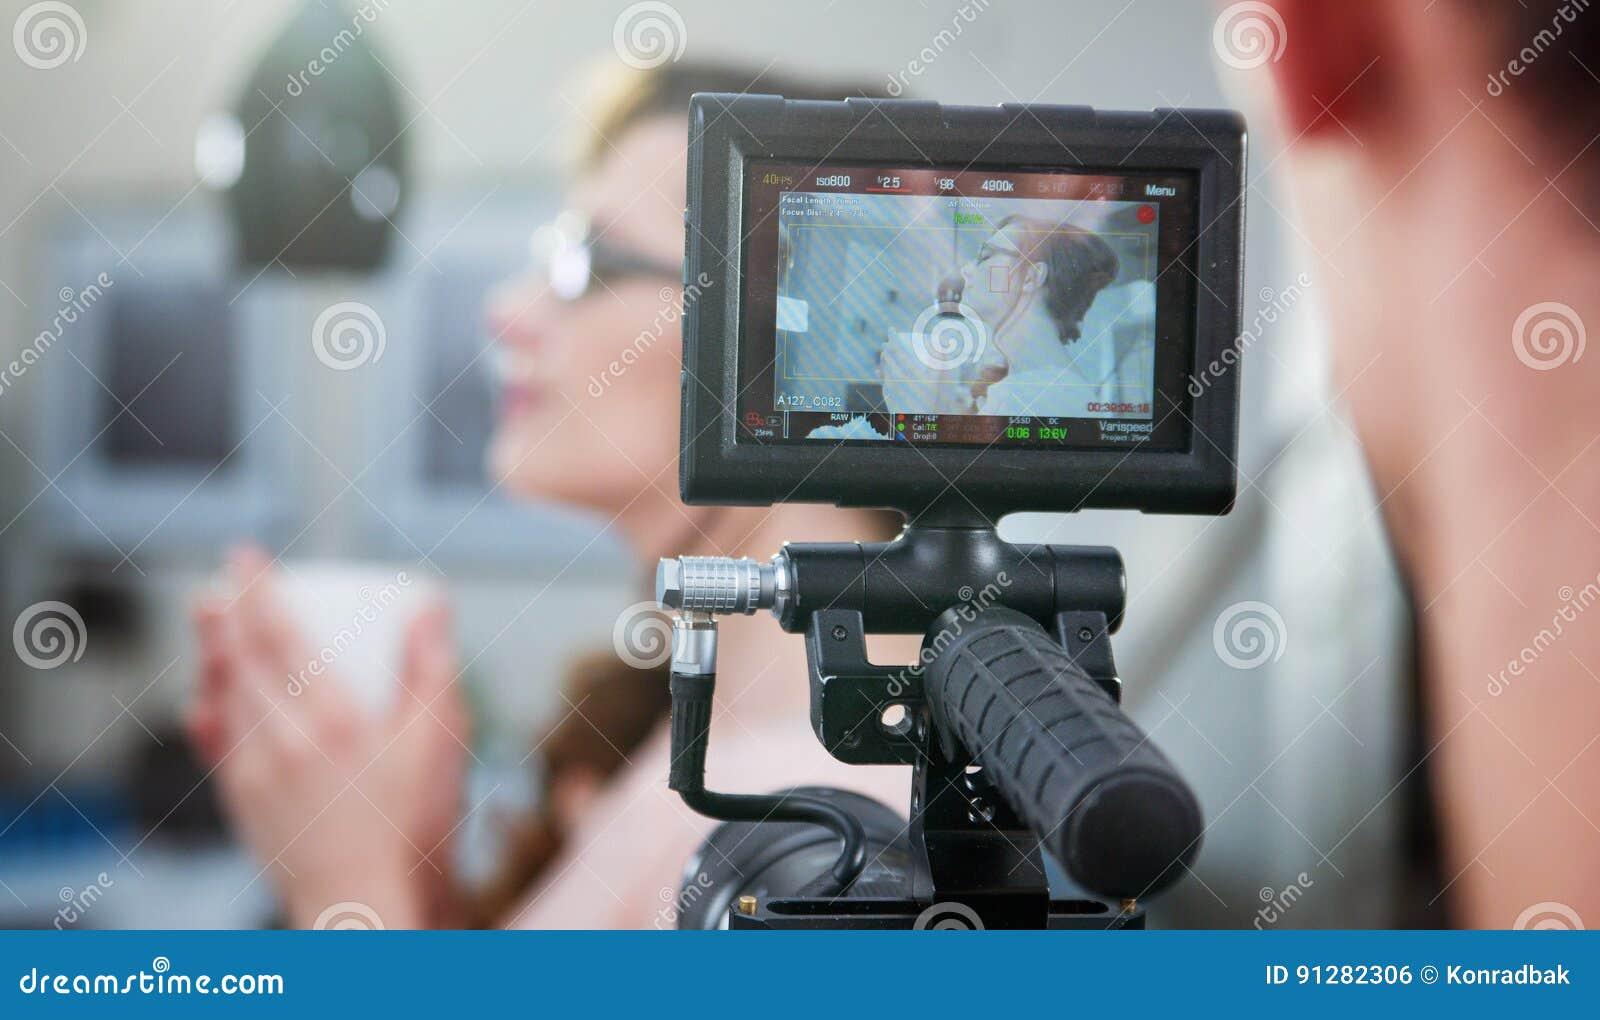 Skjutit av kameraman som gör en längd i fot räknat